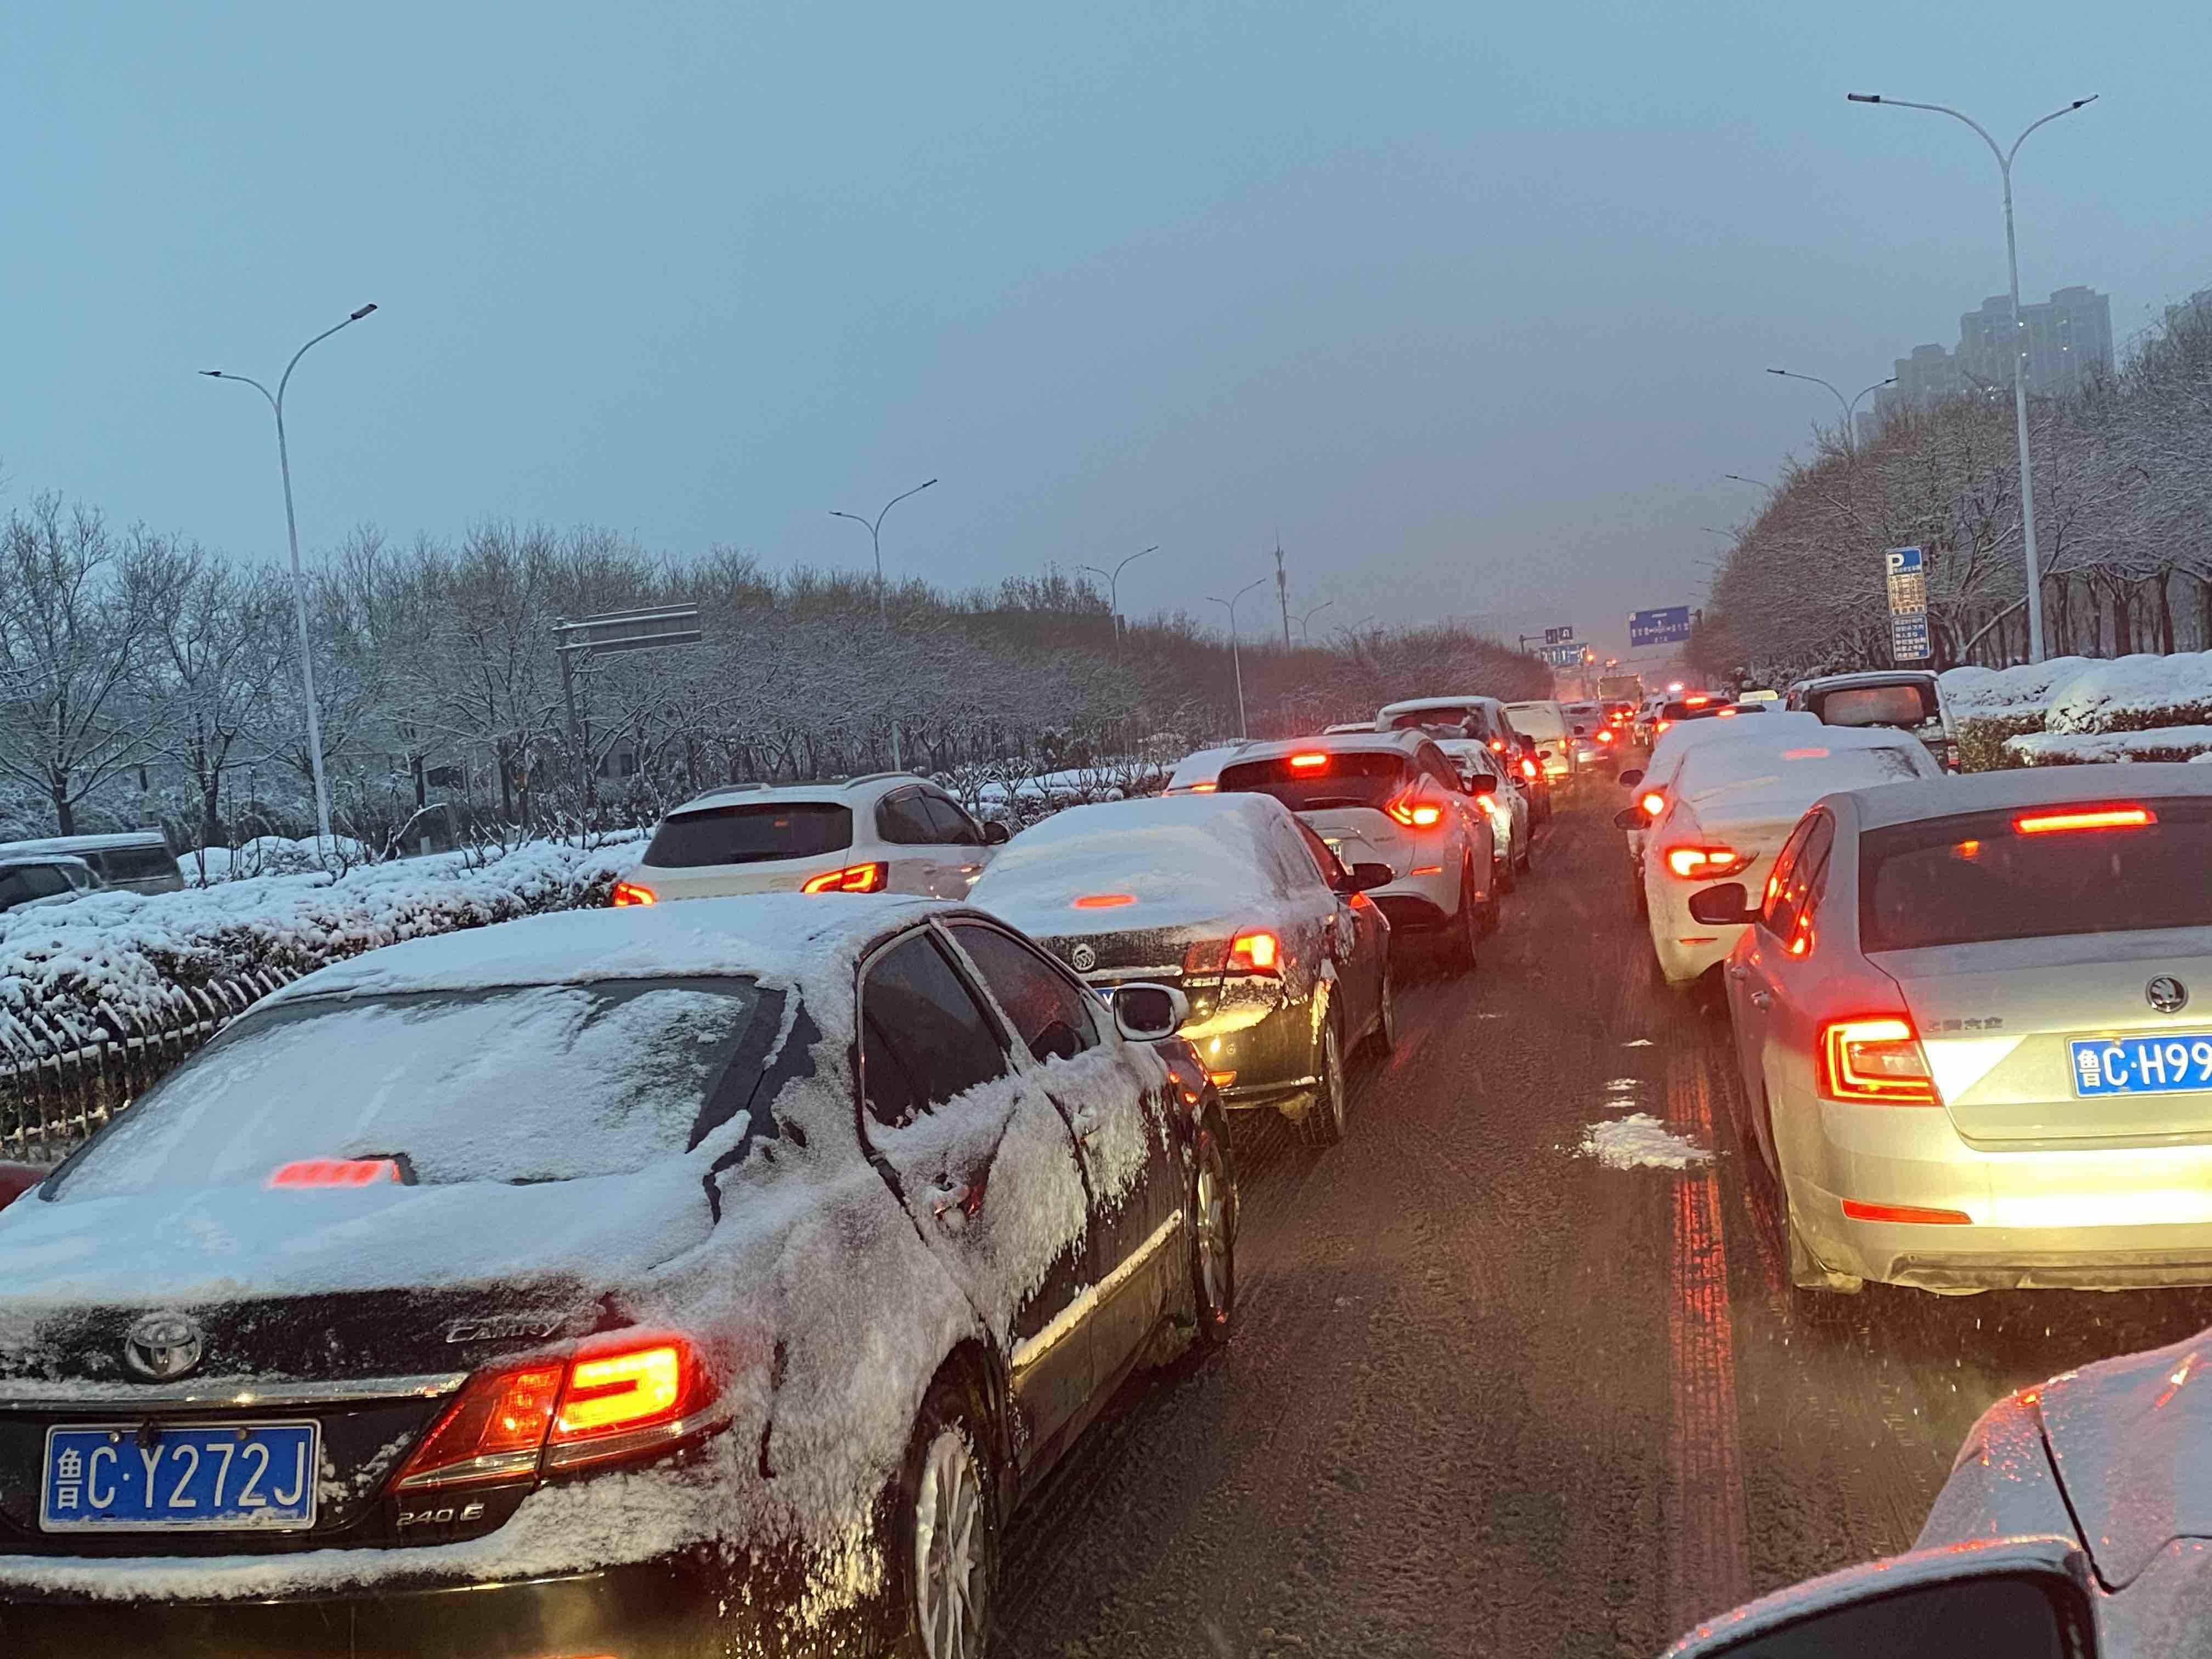 注意!淄川交警发布道路交通管制提示 部分路段已禁止通行